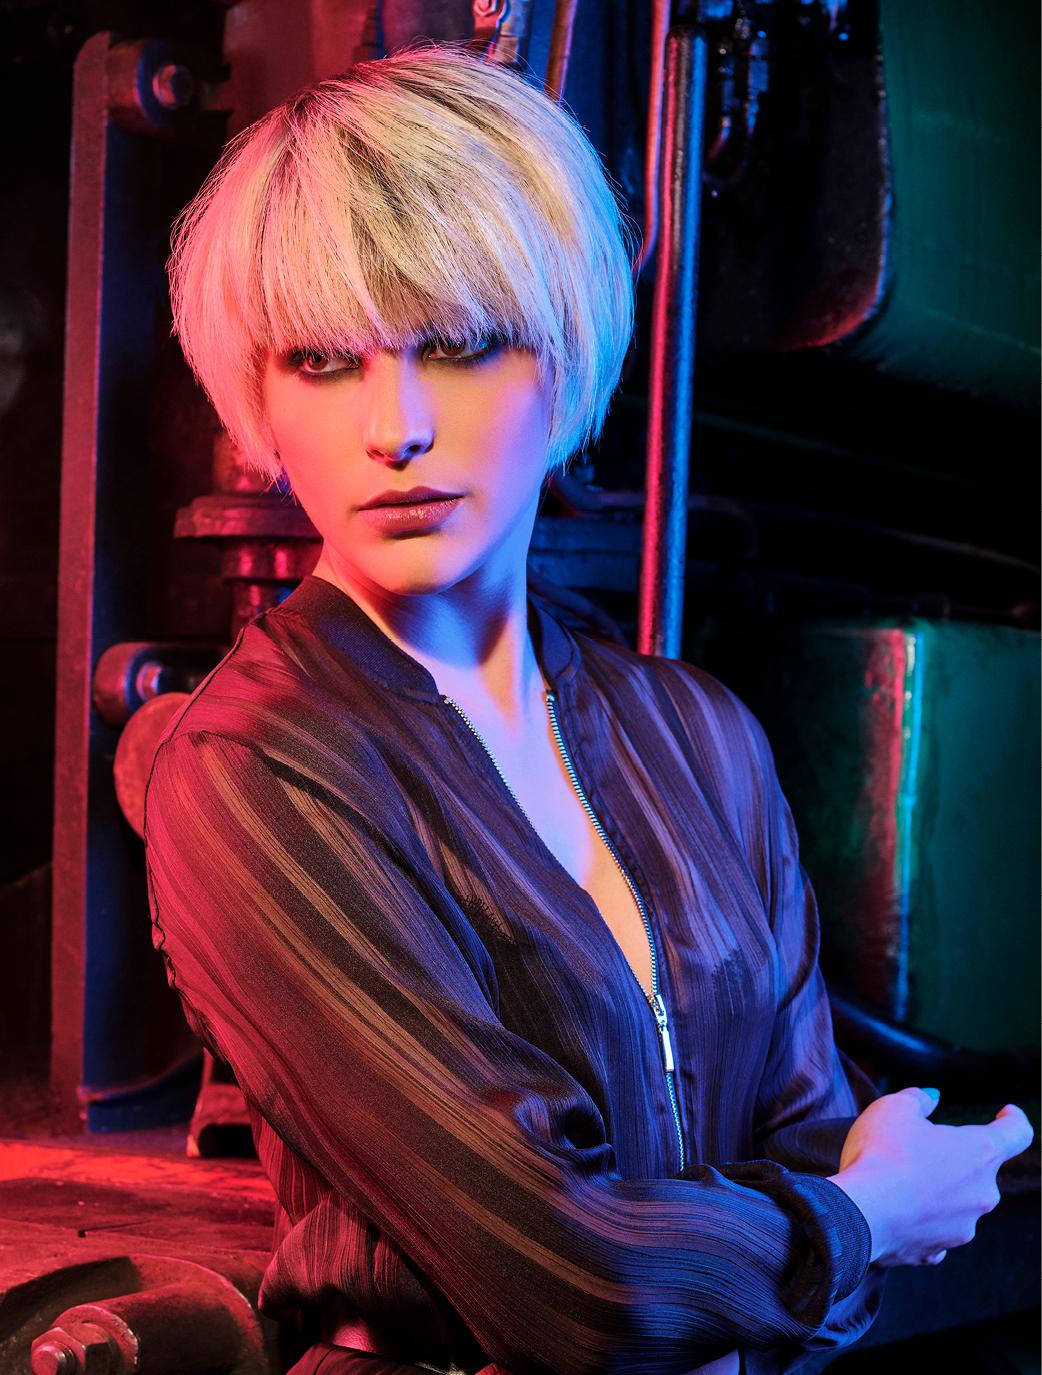 Parfait pour les teints clairs en hiver, le blond lumineux et éclatante.